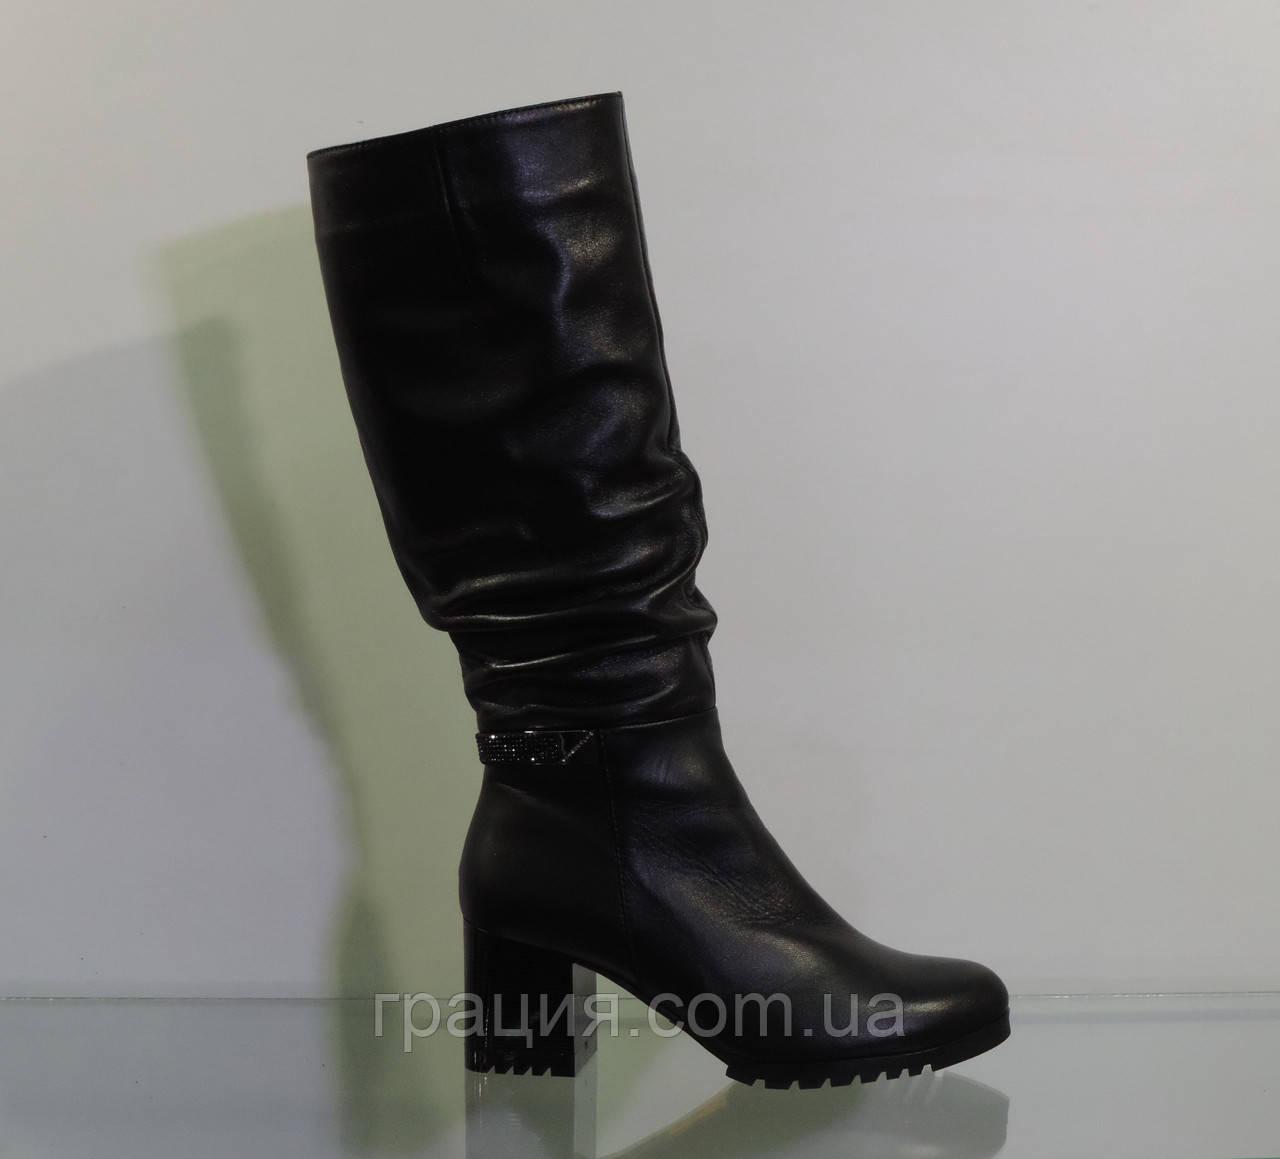 Зимние женские кожаные сапожки на среднем каблуке